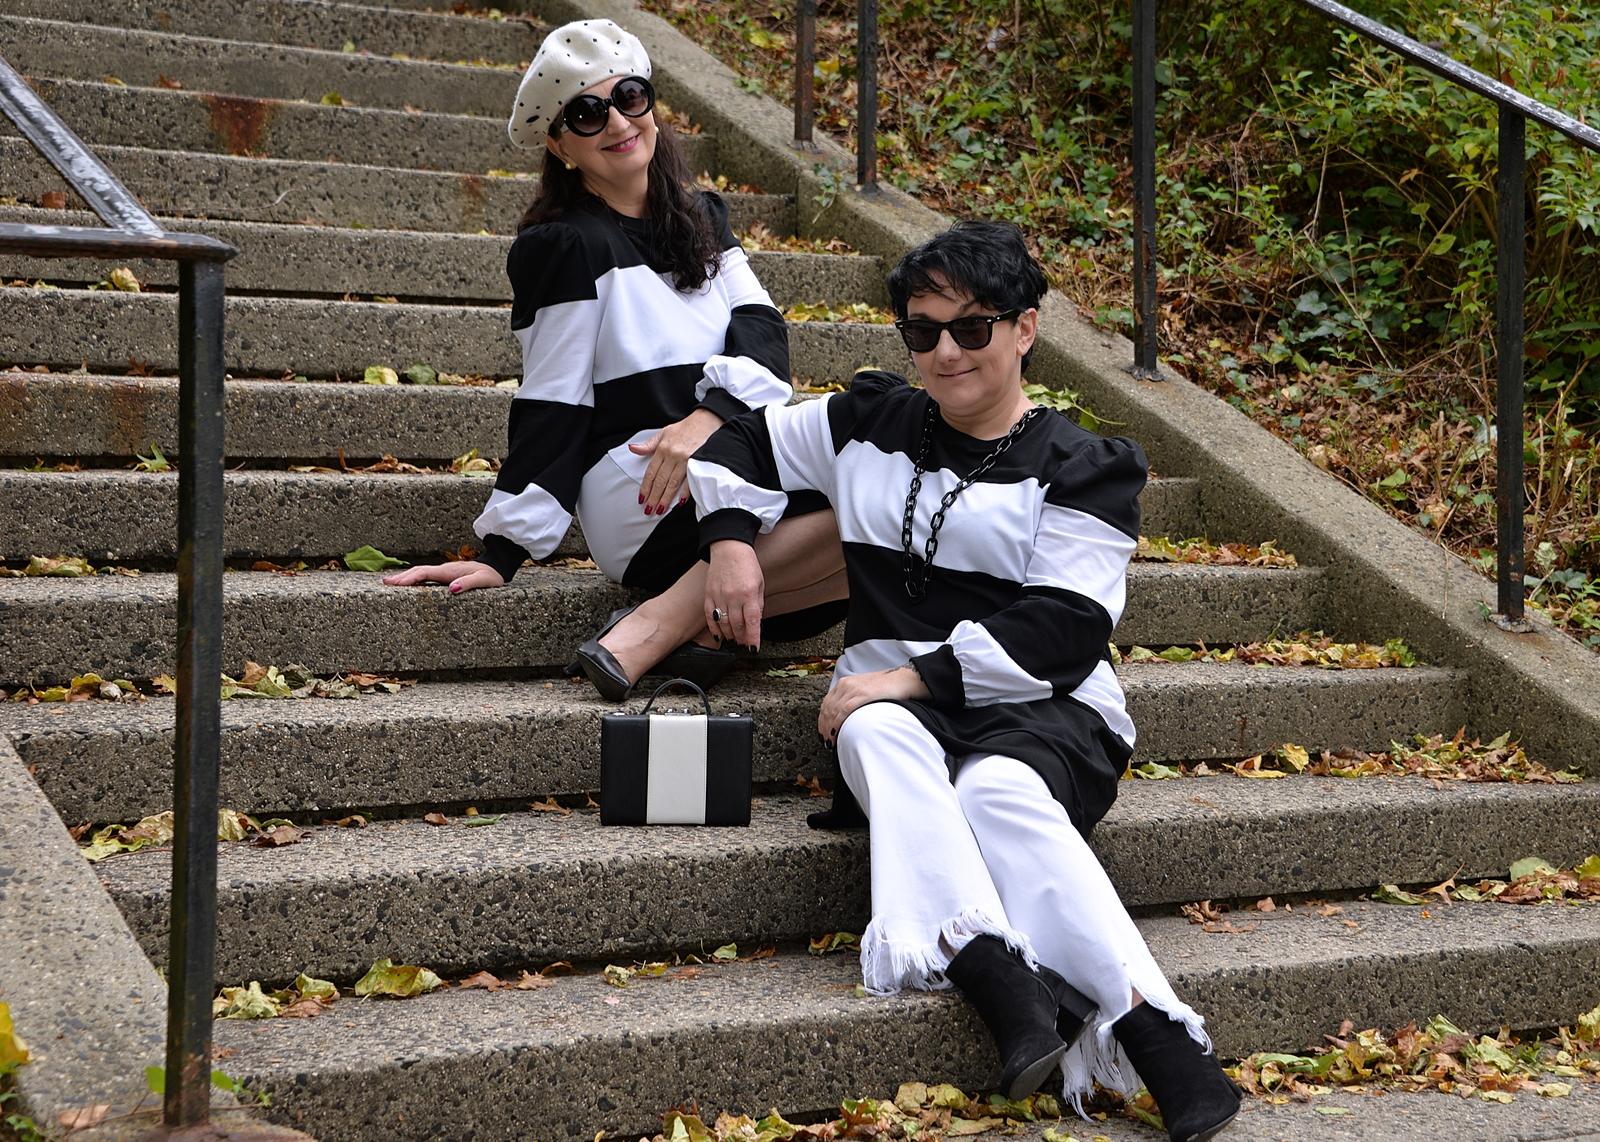 Black and white stylization